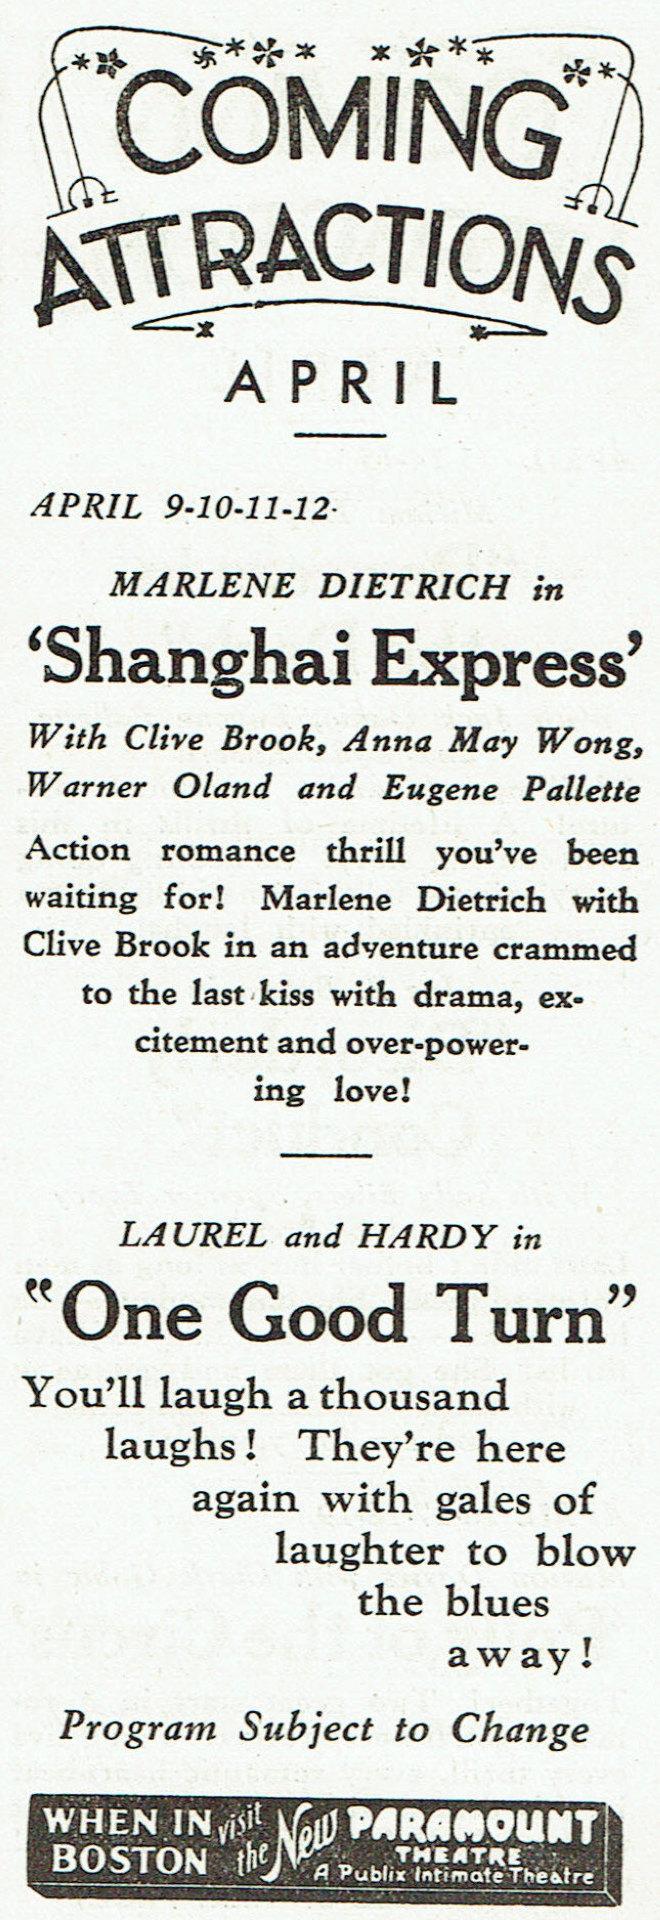 carole lombard publix theatre screen review april 1932ib